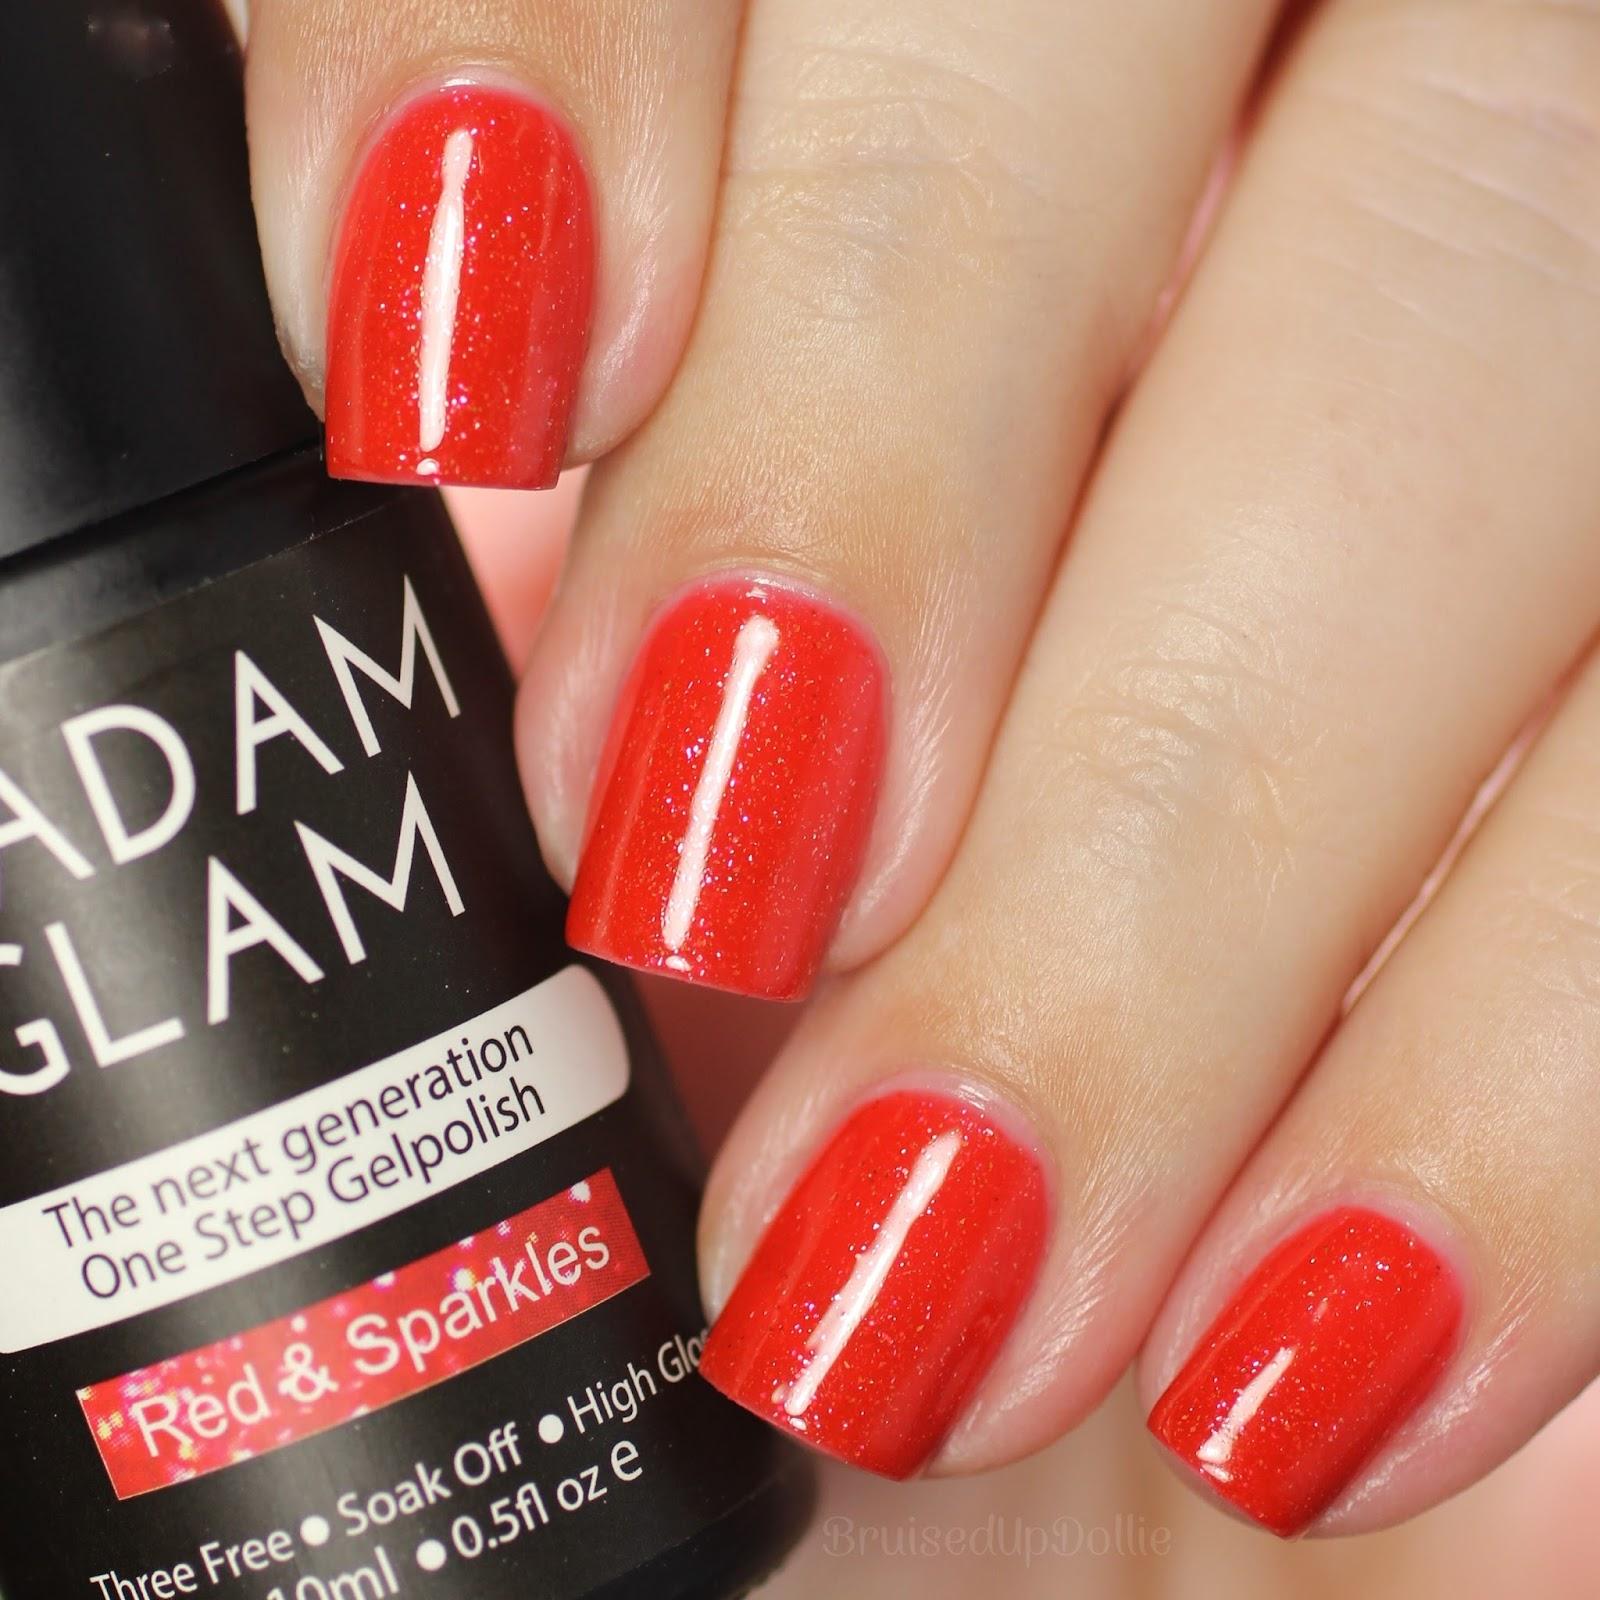 Madam Glam One Step Gel Swatches pt.2 - BruisedUpDollie Nails